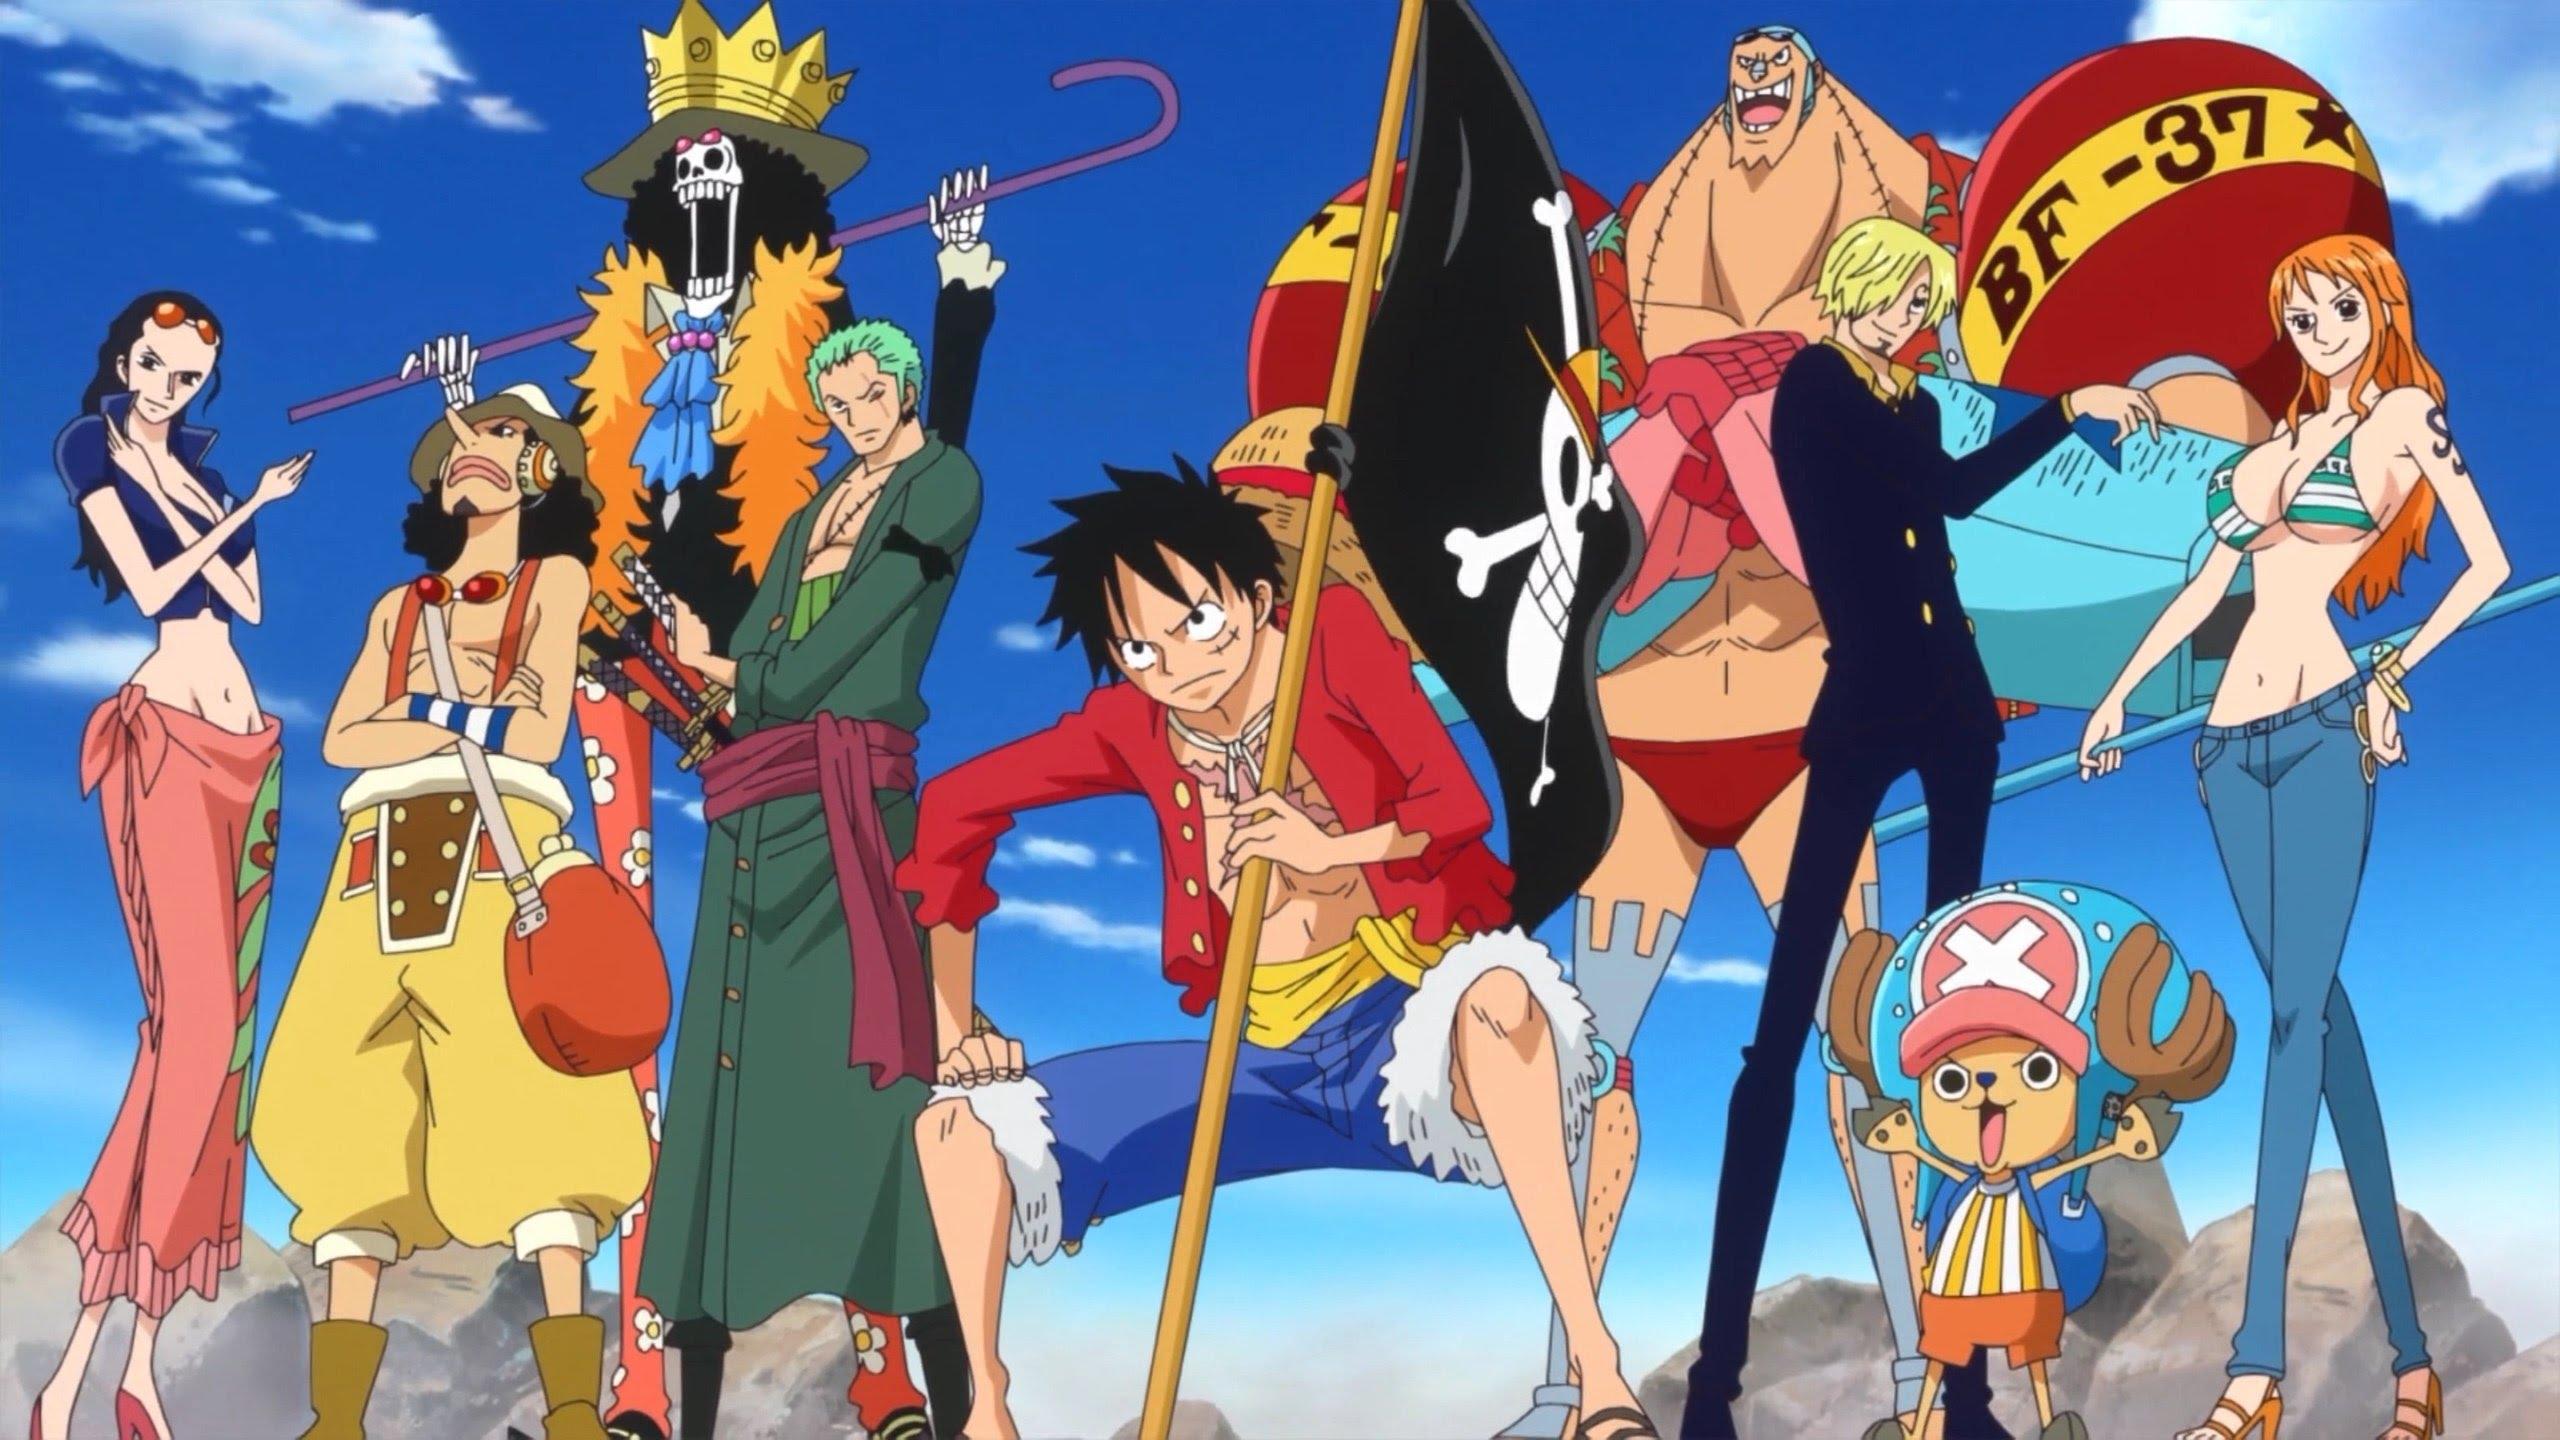 Speciale One Piece – Qualche curiosità su uno dei manga più amati degli ultimi anni